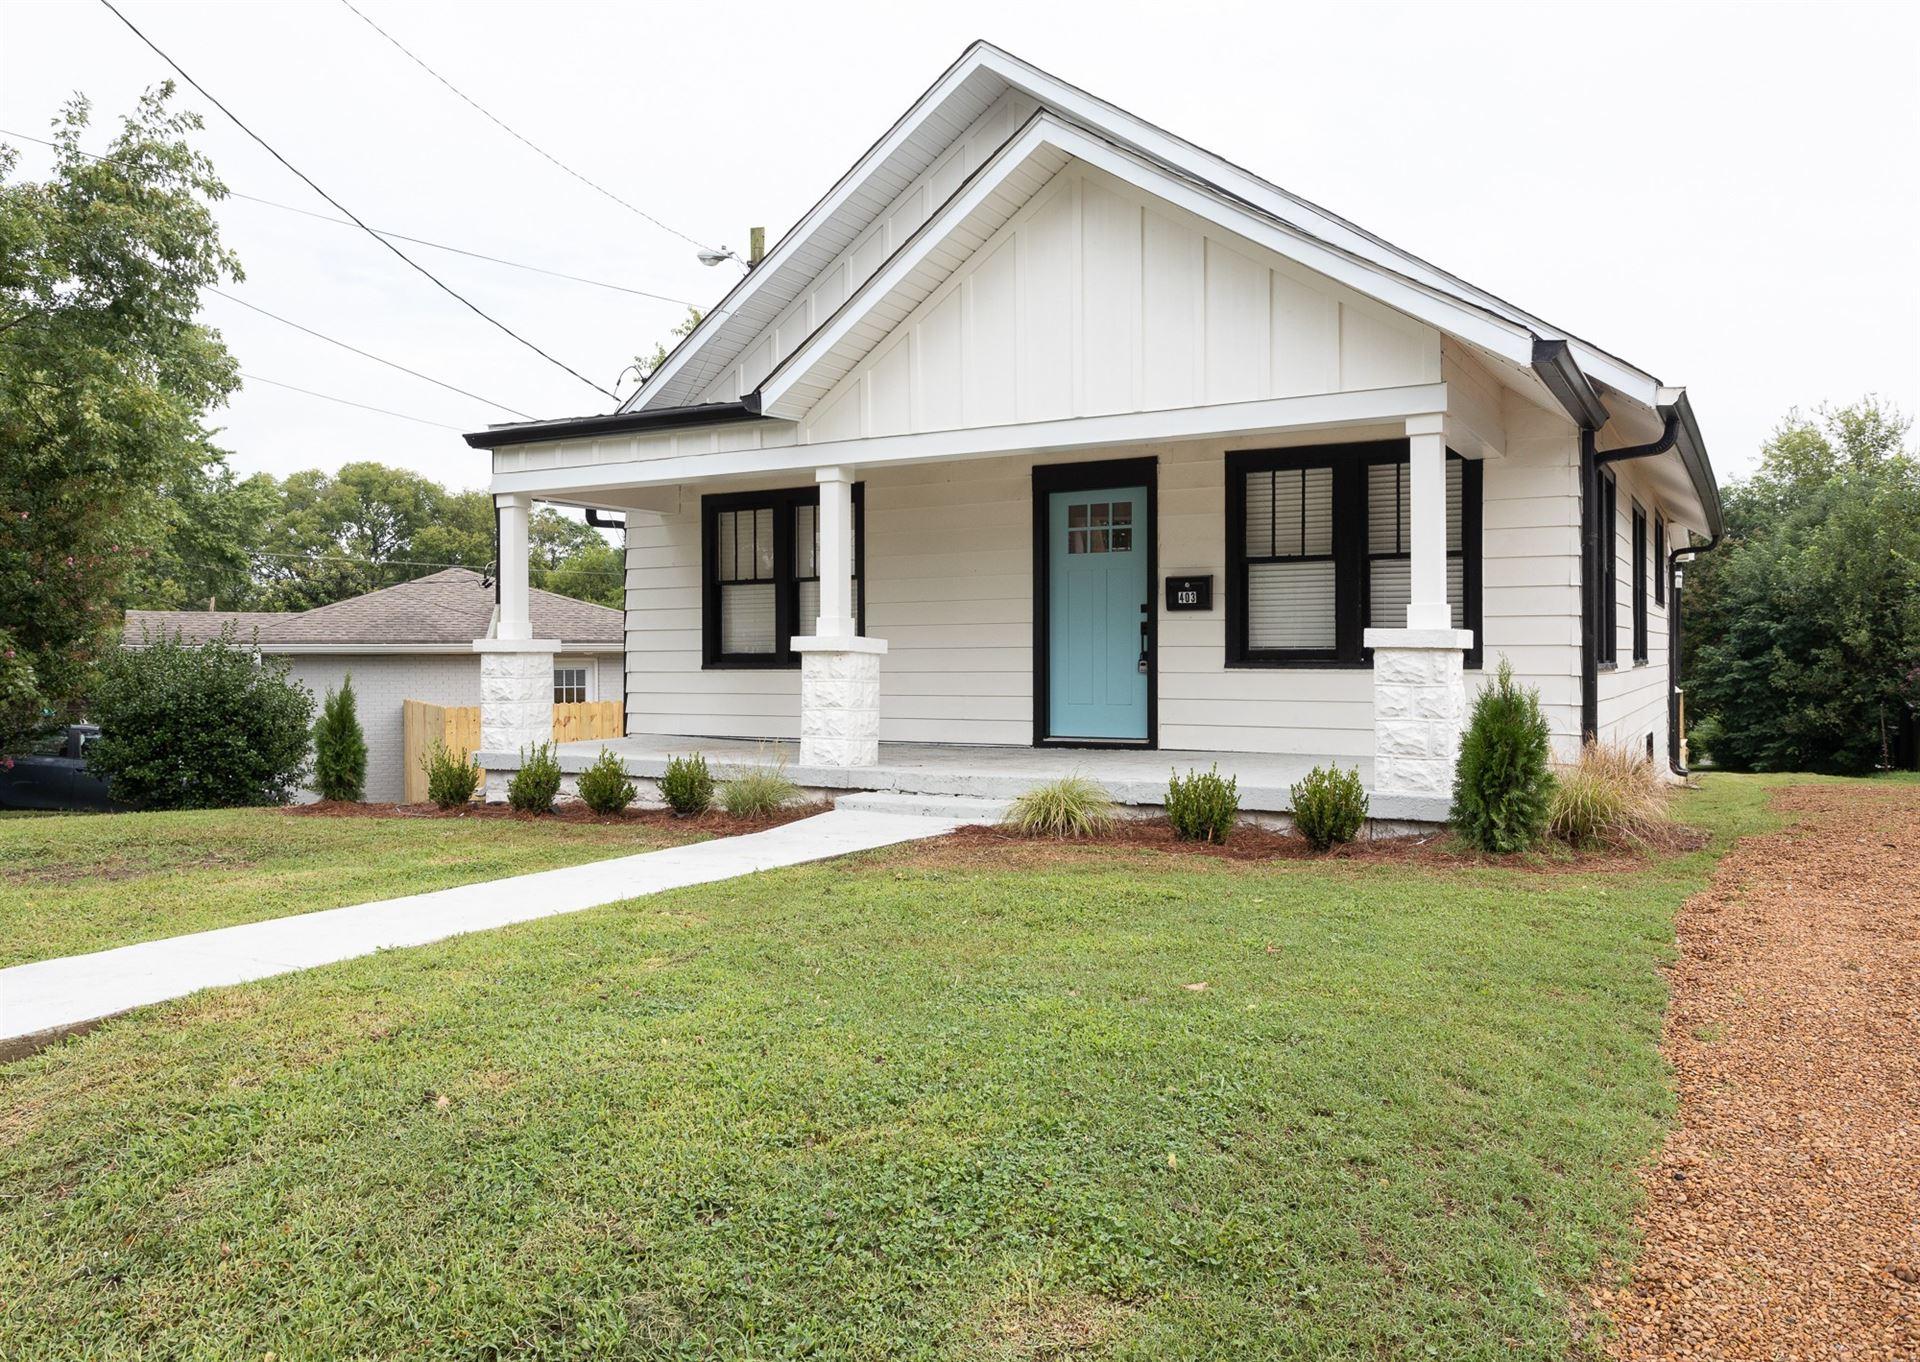 Photo of 403 Neill Avenue, Nashville, TN 37206 (MLS # 2190601)